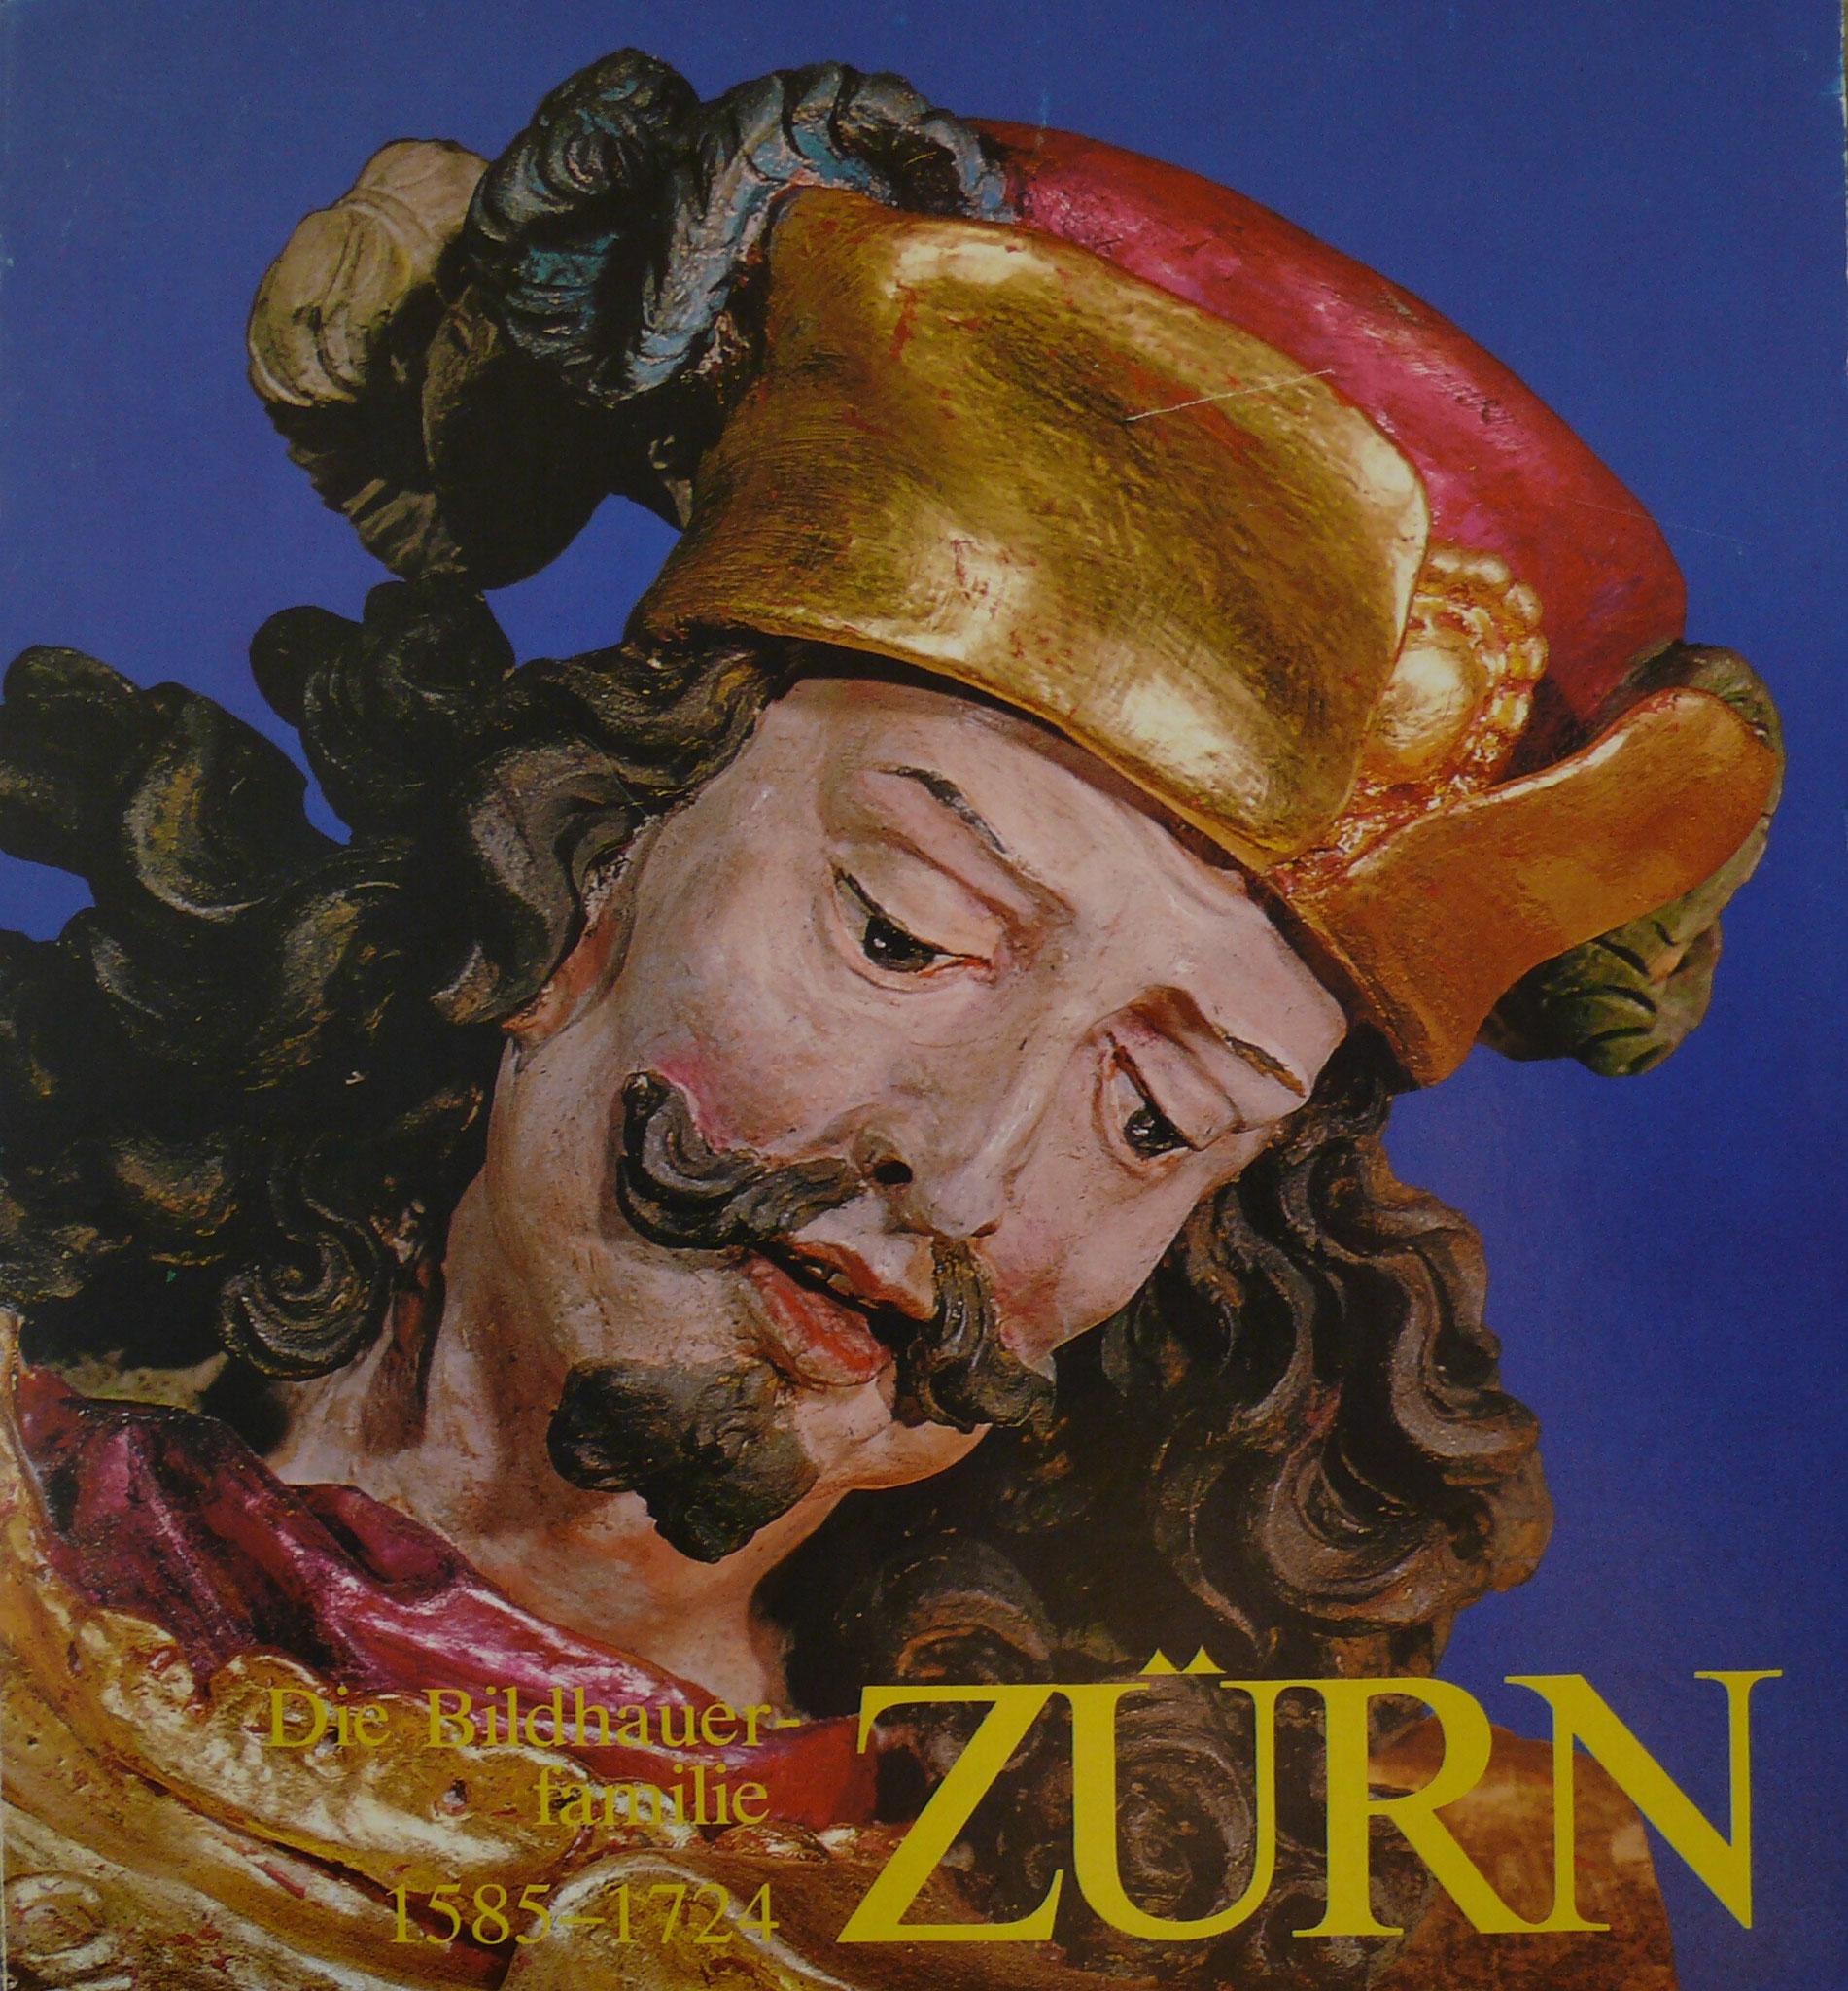 """Martin Zürn, Hl. Martin, Pfarrkirche Ried im Innkreis (Umschlagbild zum Katalog Ausstellung des Landes Oberösterreich 1979 """"Die Bildhauerfamilie Zürn"""""""